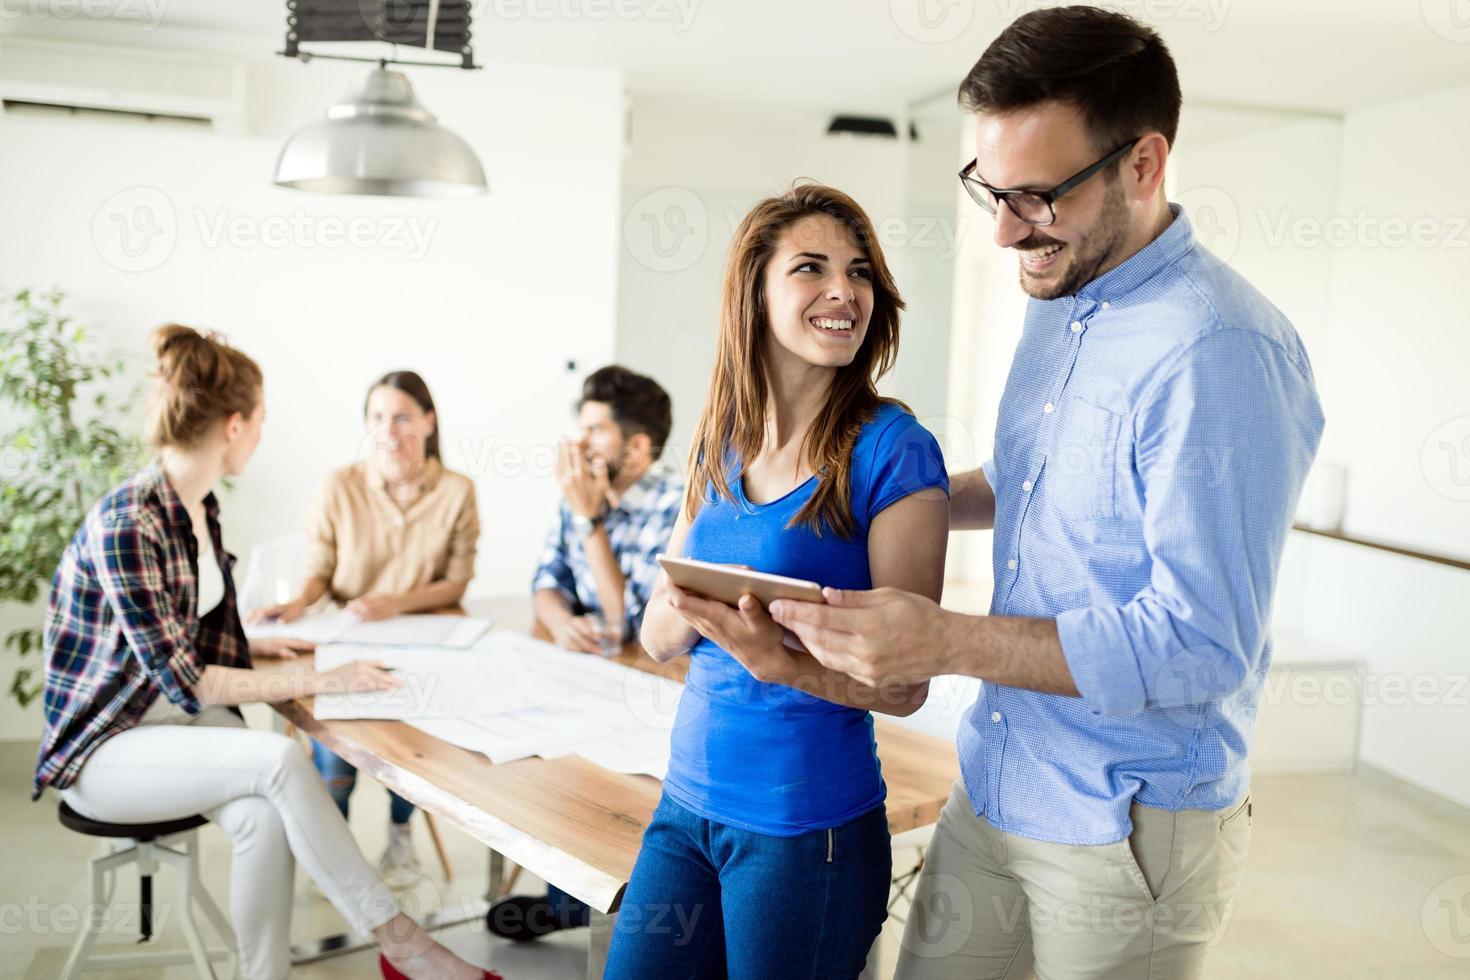 Bild von Geschäftspartnern, die Dokumente und Ideen diskutieren foto